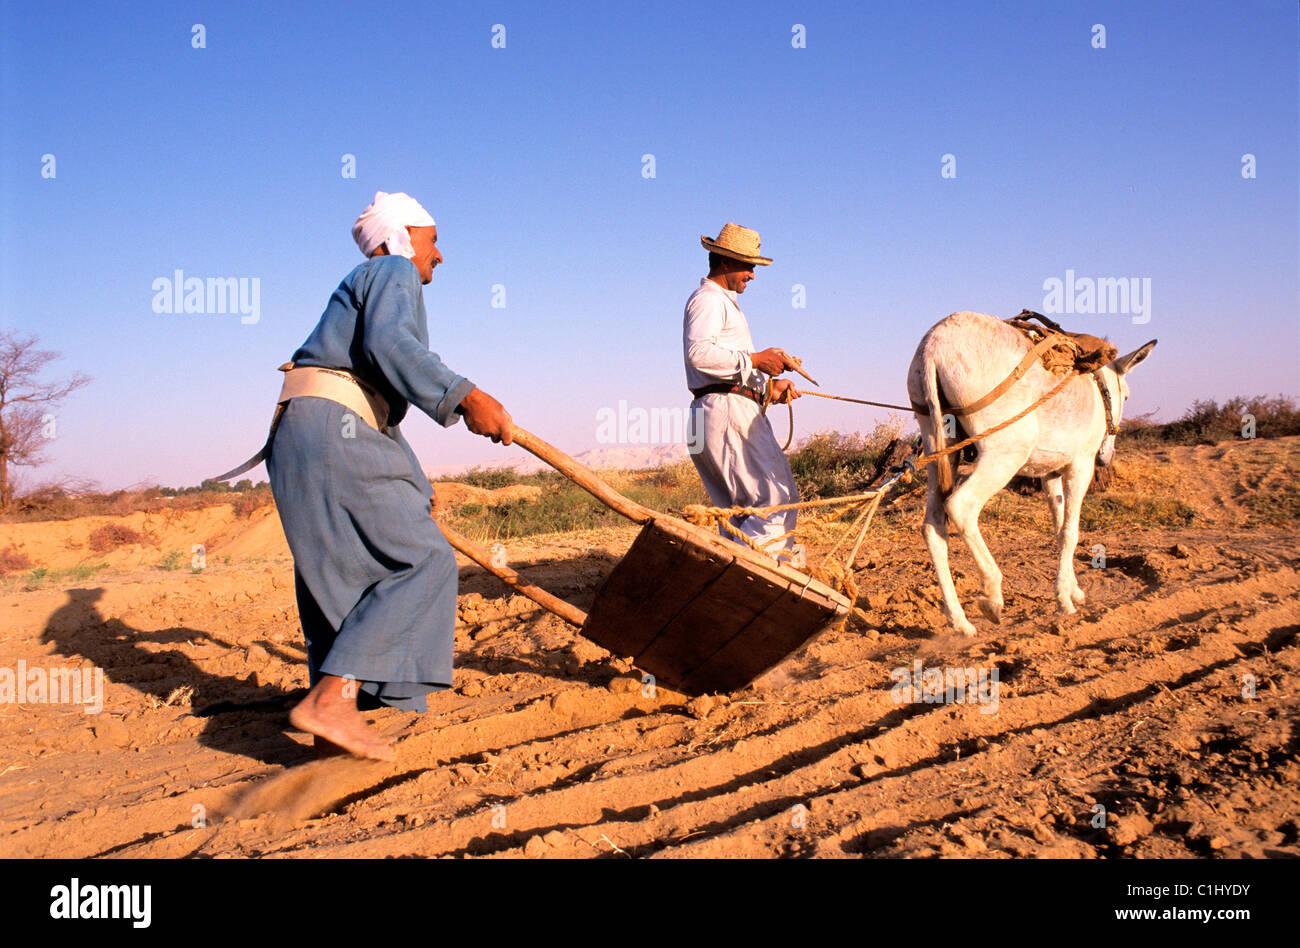 Egypt, libyc desert, handiwork in the oasis of Dakhla - Stock Image